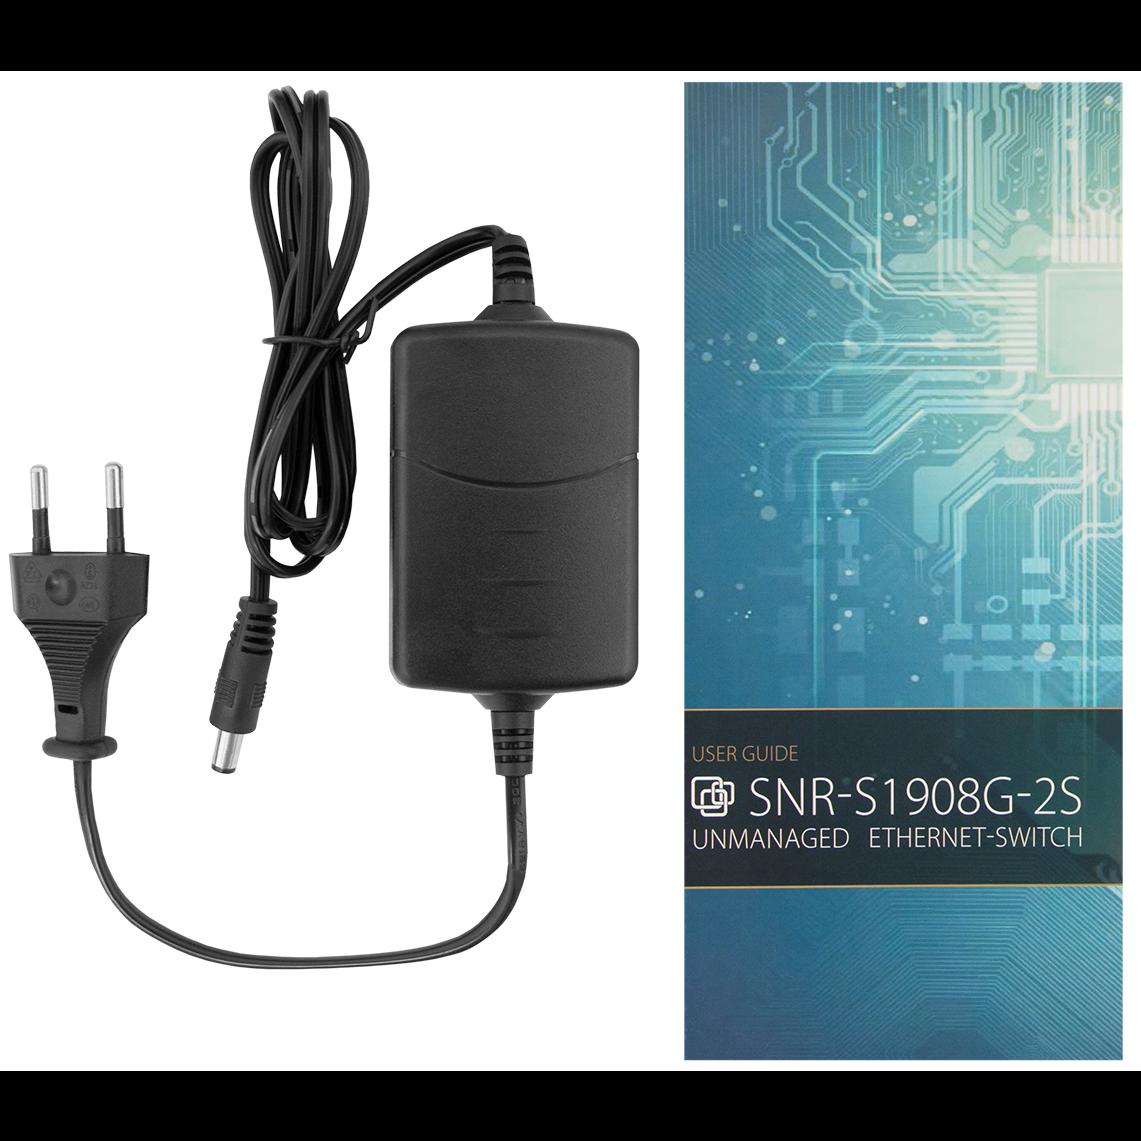 Неуправляемый коммутатор SNR-S1908G-2S